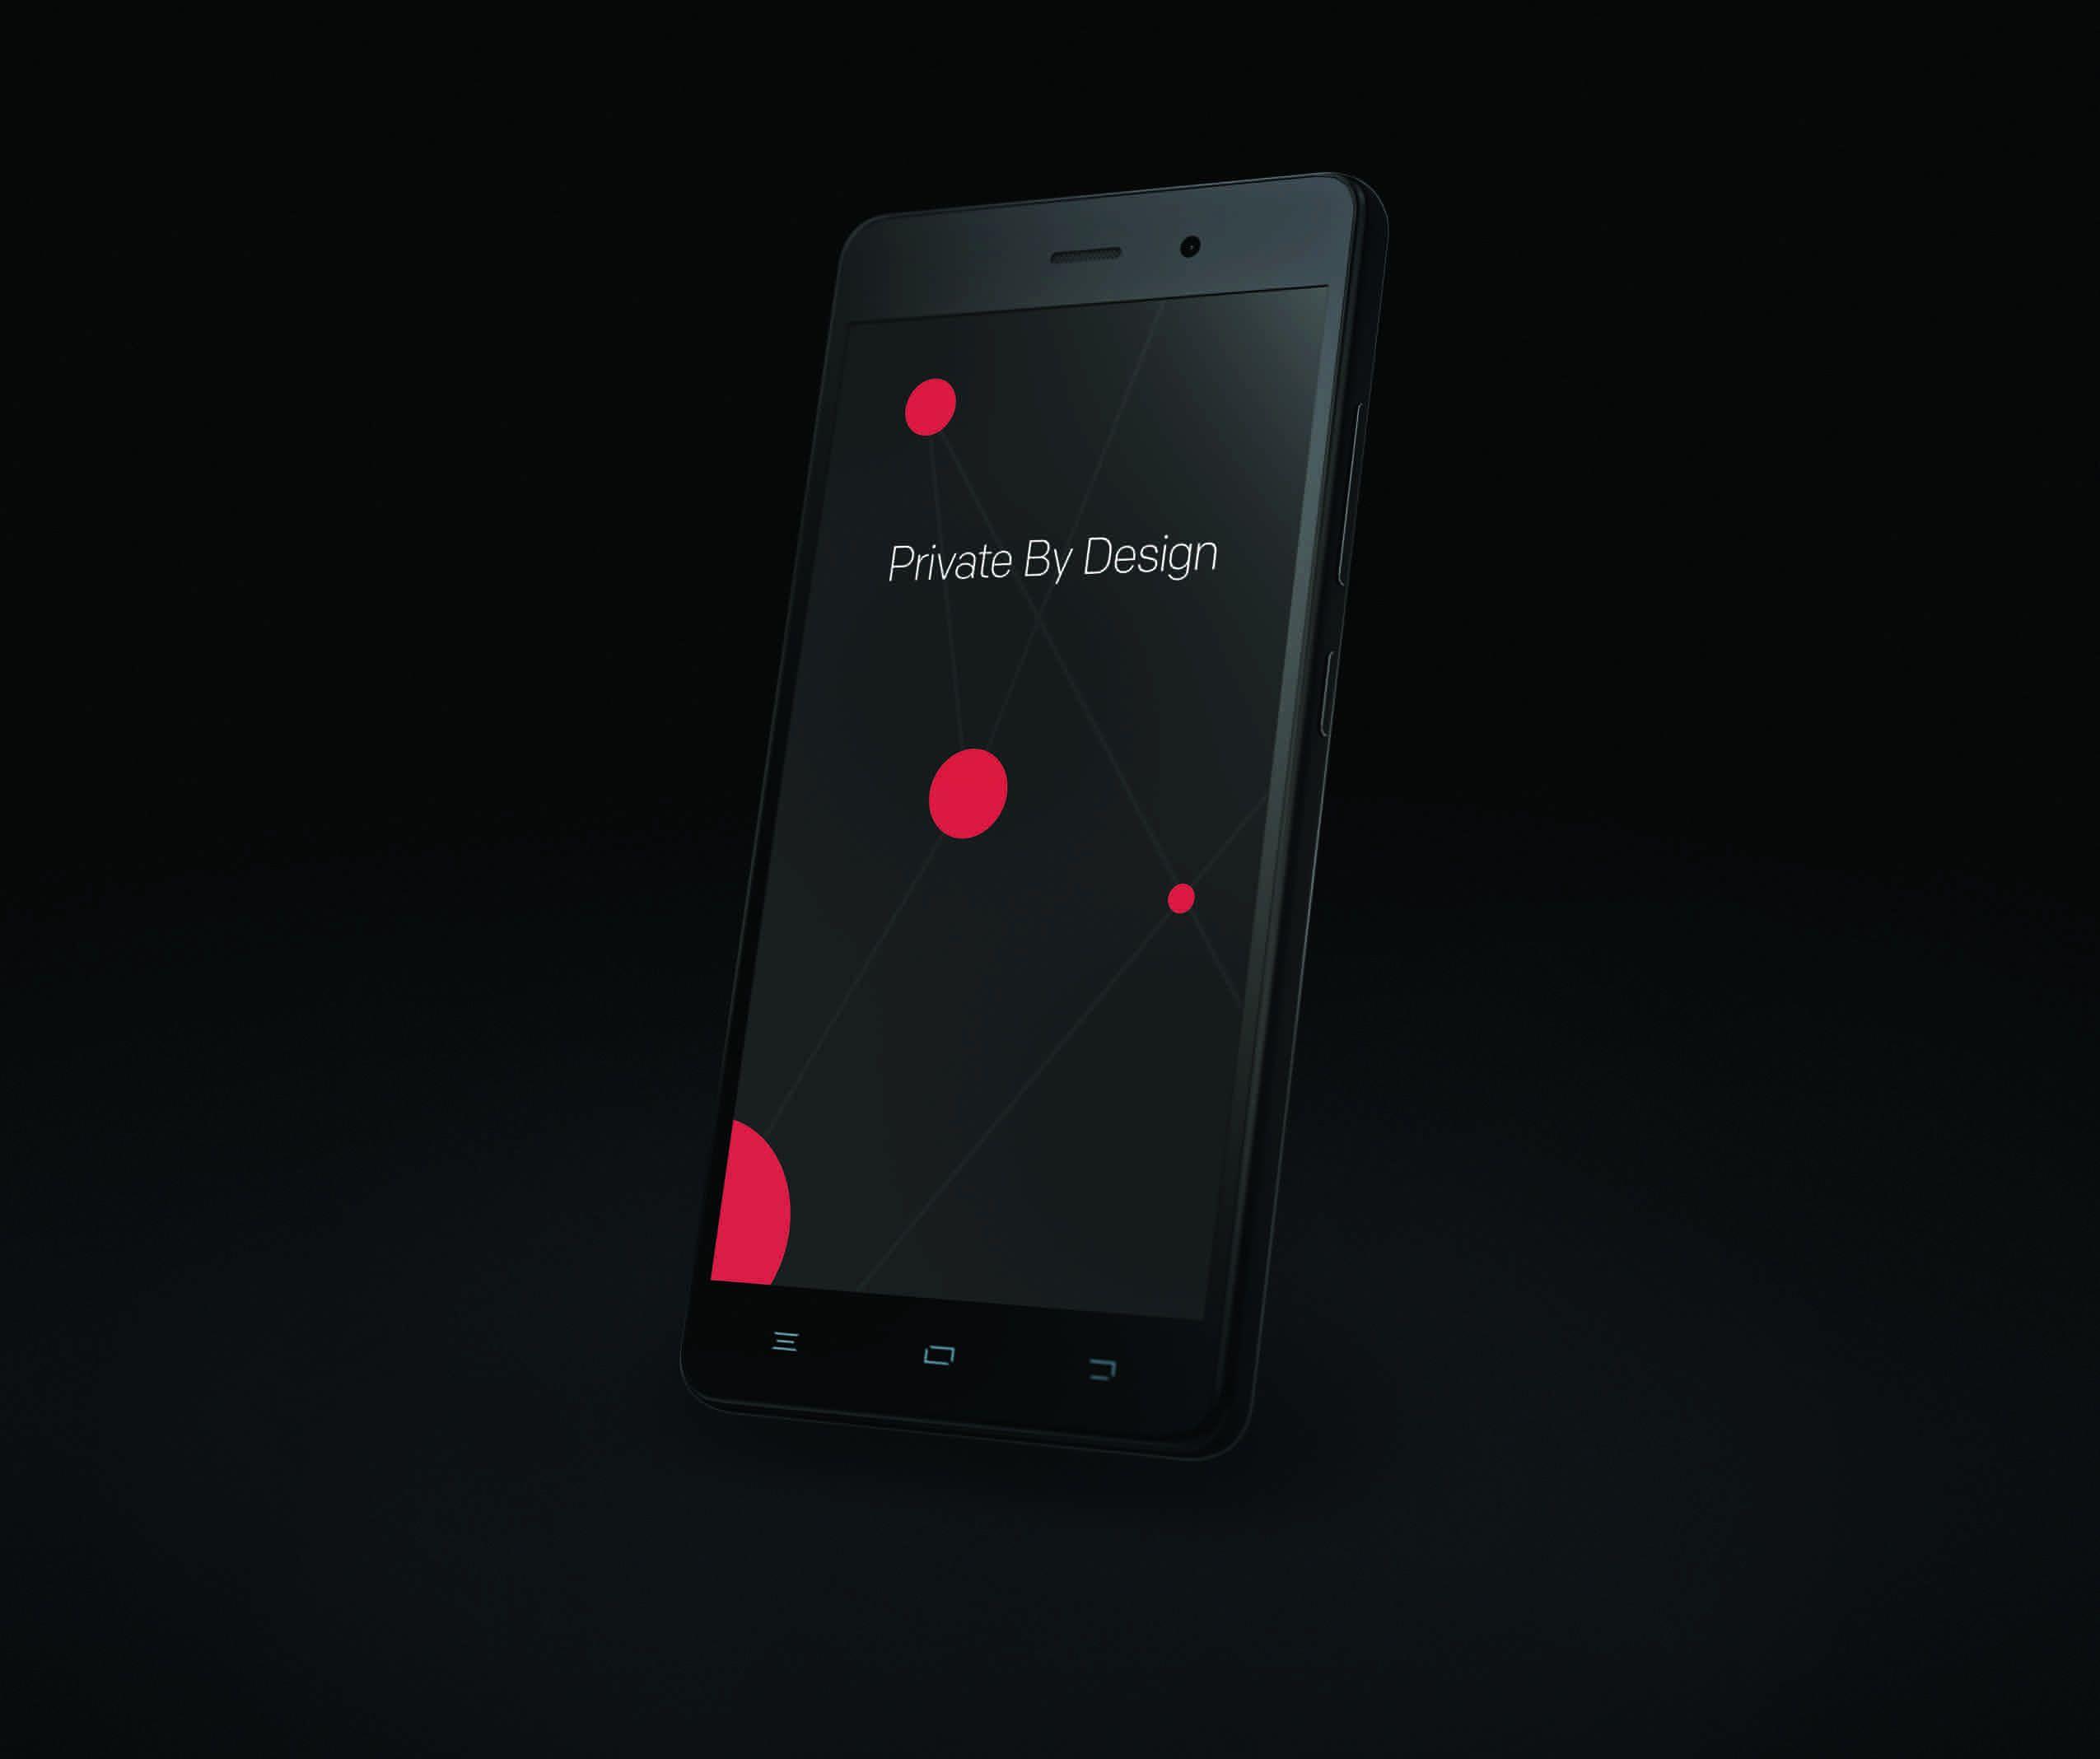 Silent Circle dévoile le BlackPhone 2 et BlackPhone + et vise les entreprises soucieuses de la sécurité de leurs données